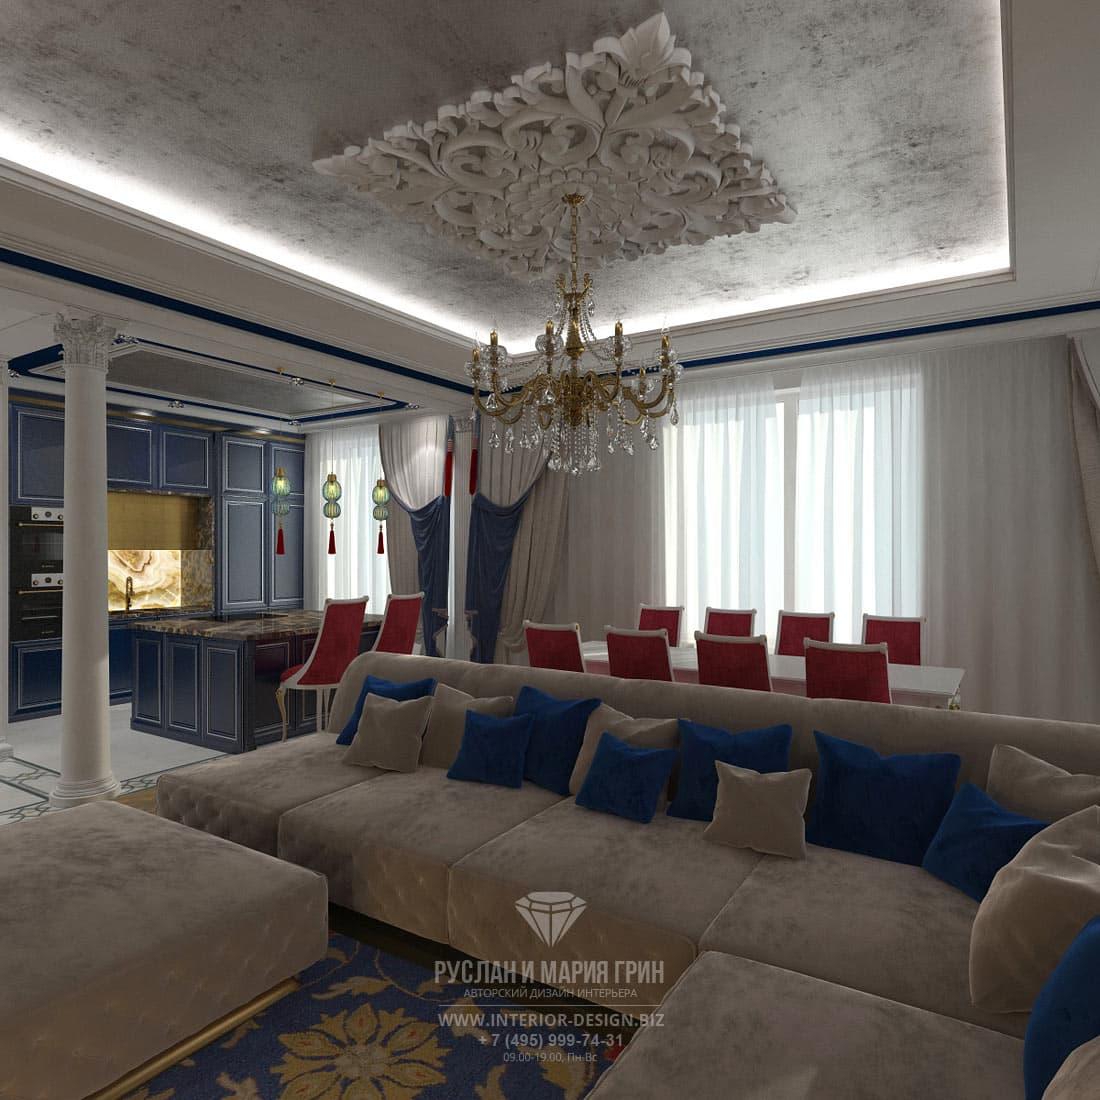 Современный дизайн квартиры 2018